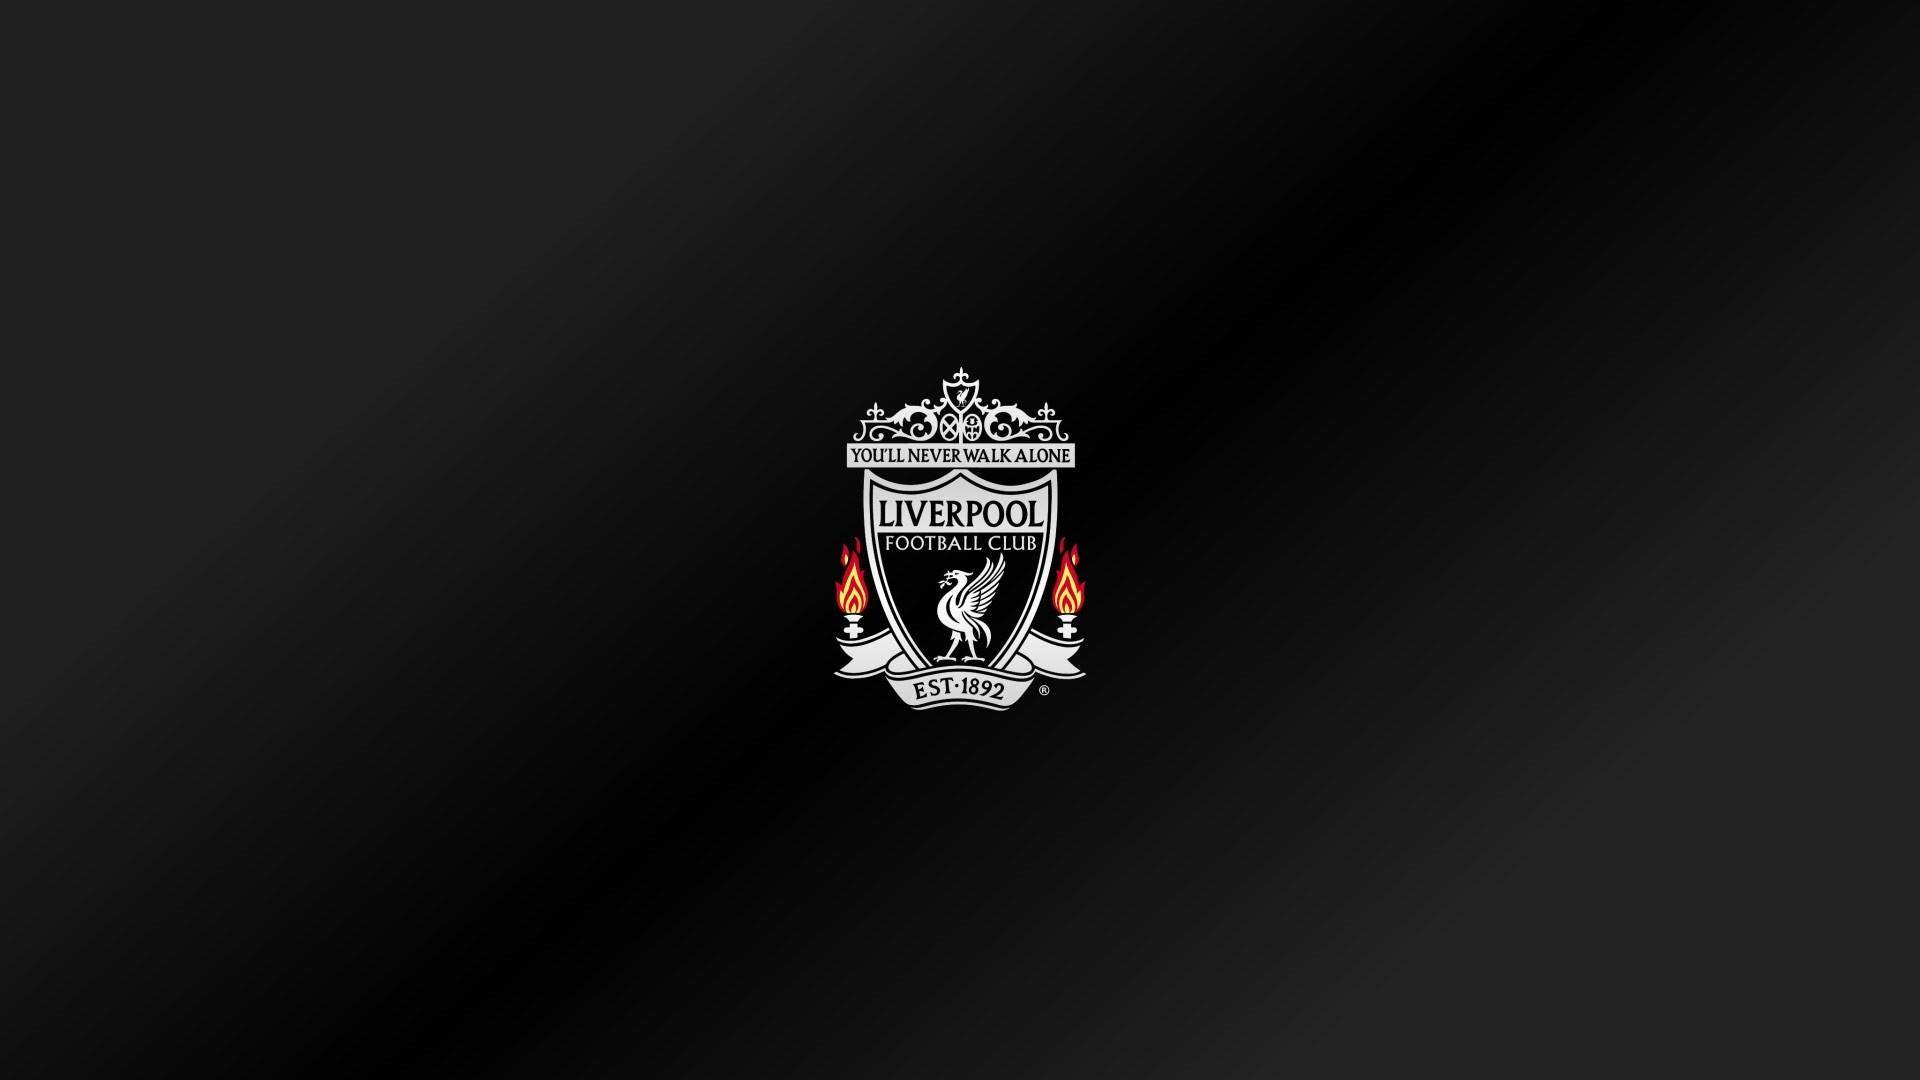 Liverpool Desktop Wallpaper